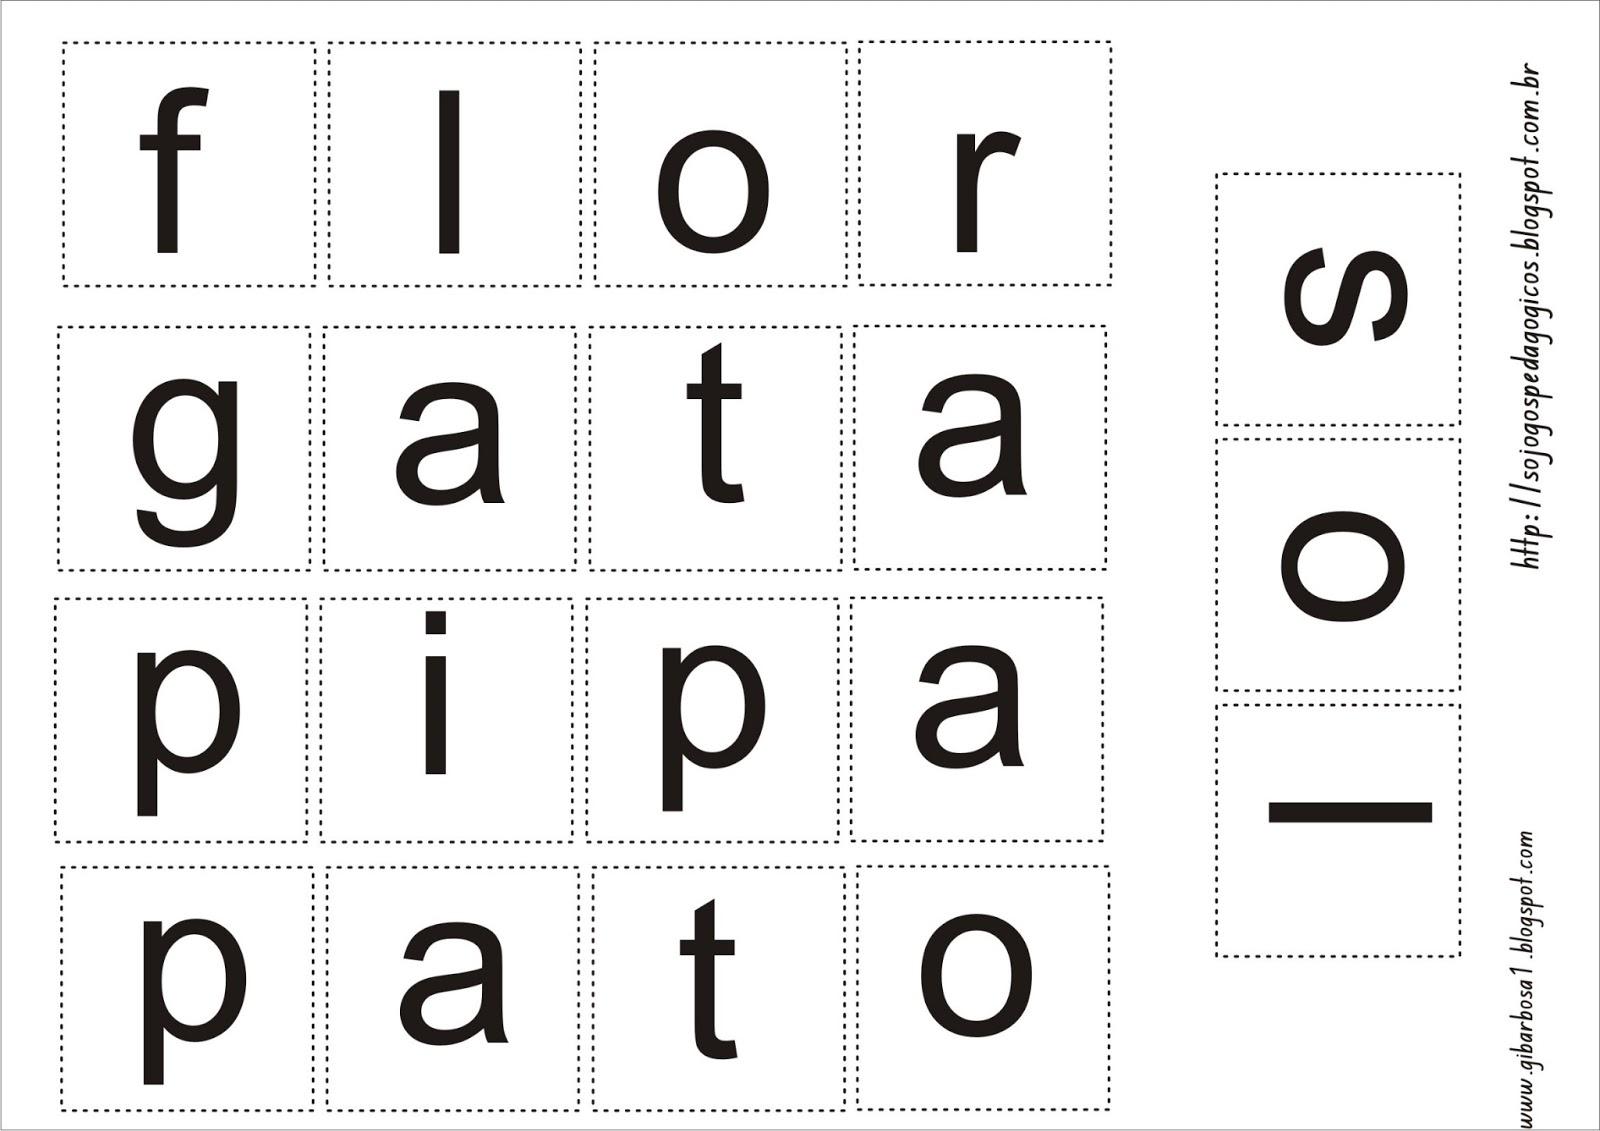 Jogo Pedagógico Letras do Alfabeto Maiúsculas e Minúsculas